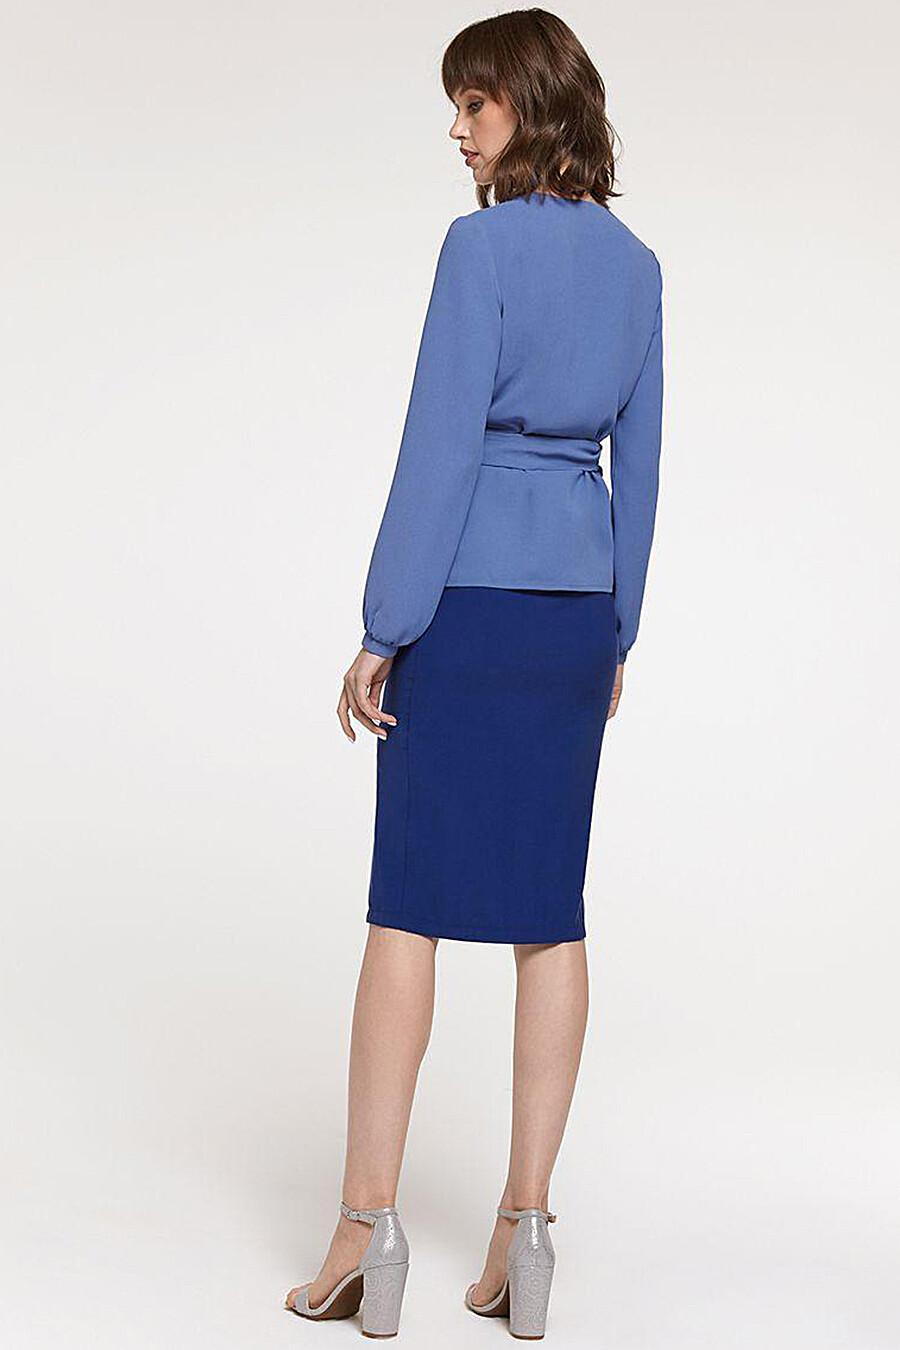 Блуза для женщин 1001 DRESS 147658 купить оптом от производителя. Совместная покупка женской одежды в OptMoyo